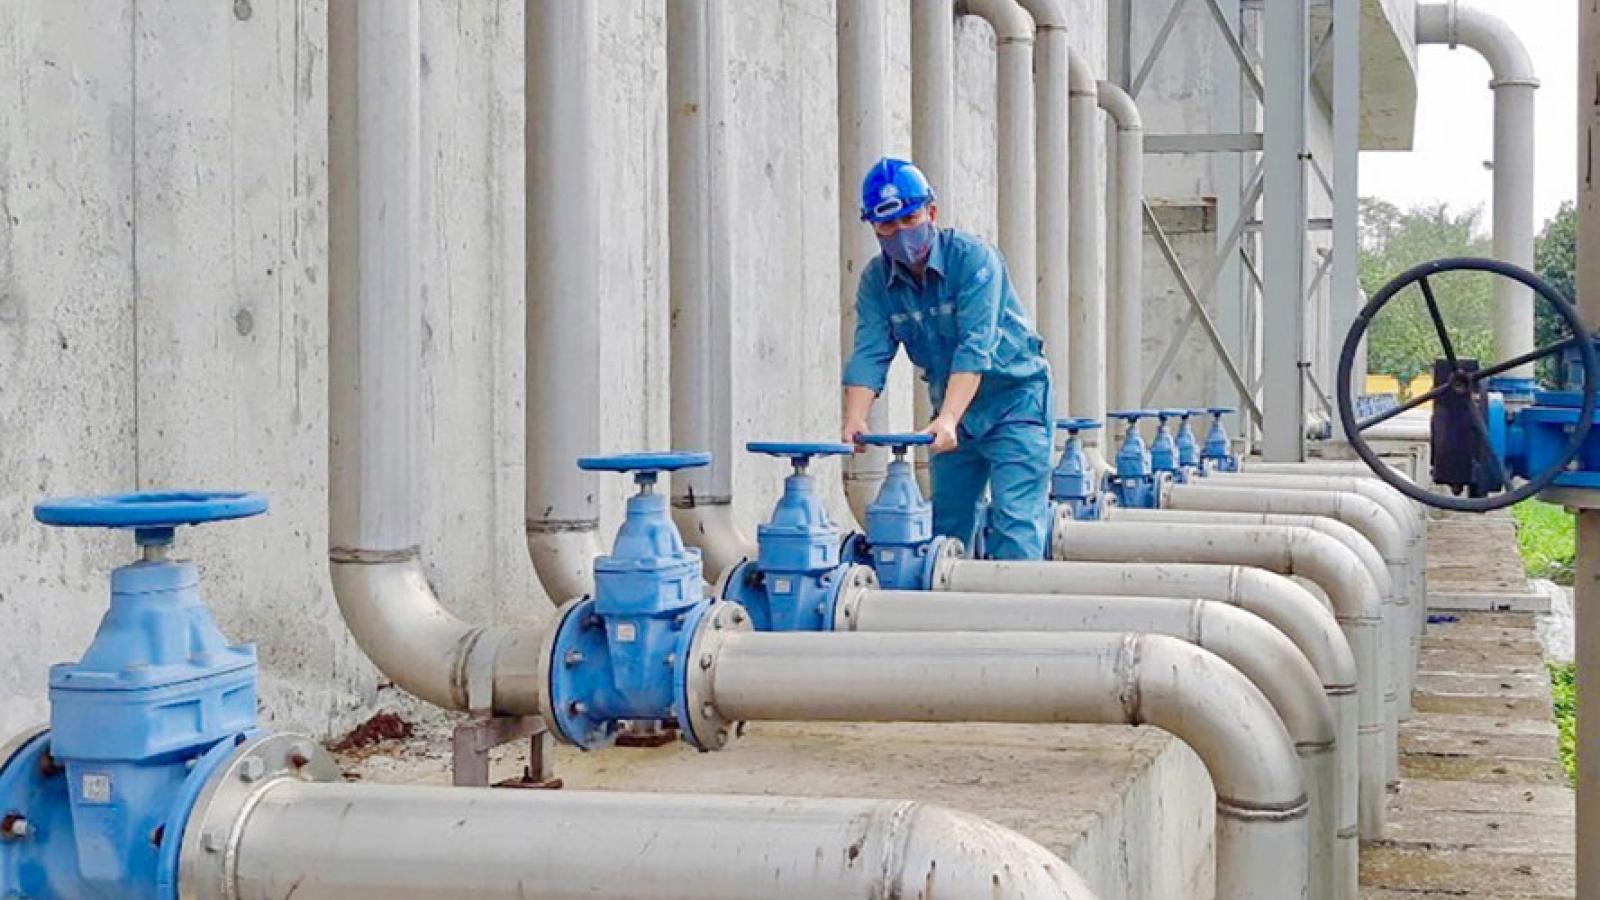 Hà Nội ứng cứu thế nào khi gặp sự cố vỡ đường ống nước sạch vào mùa hè?